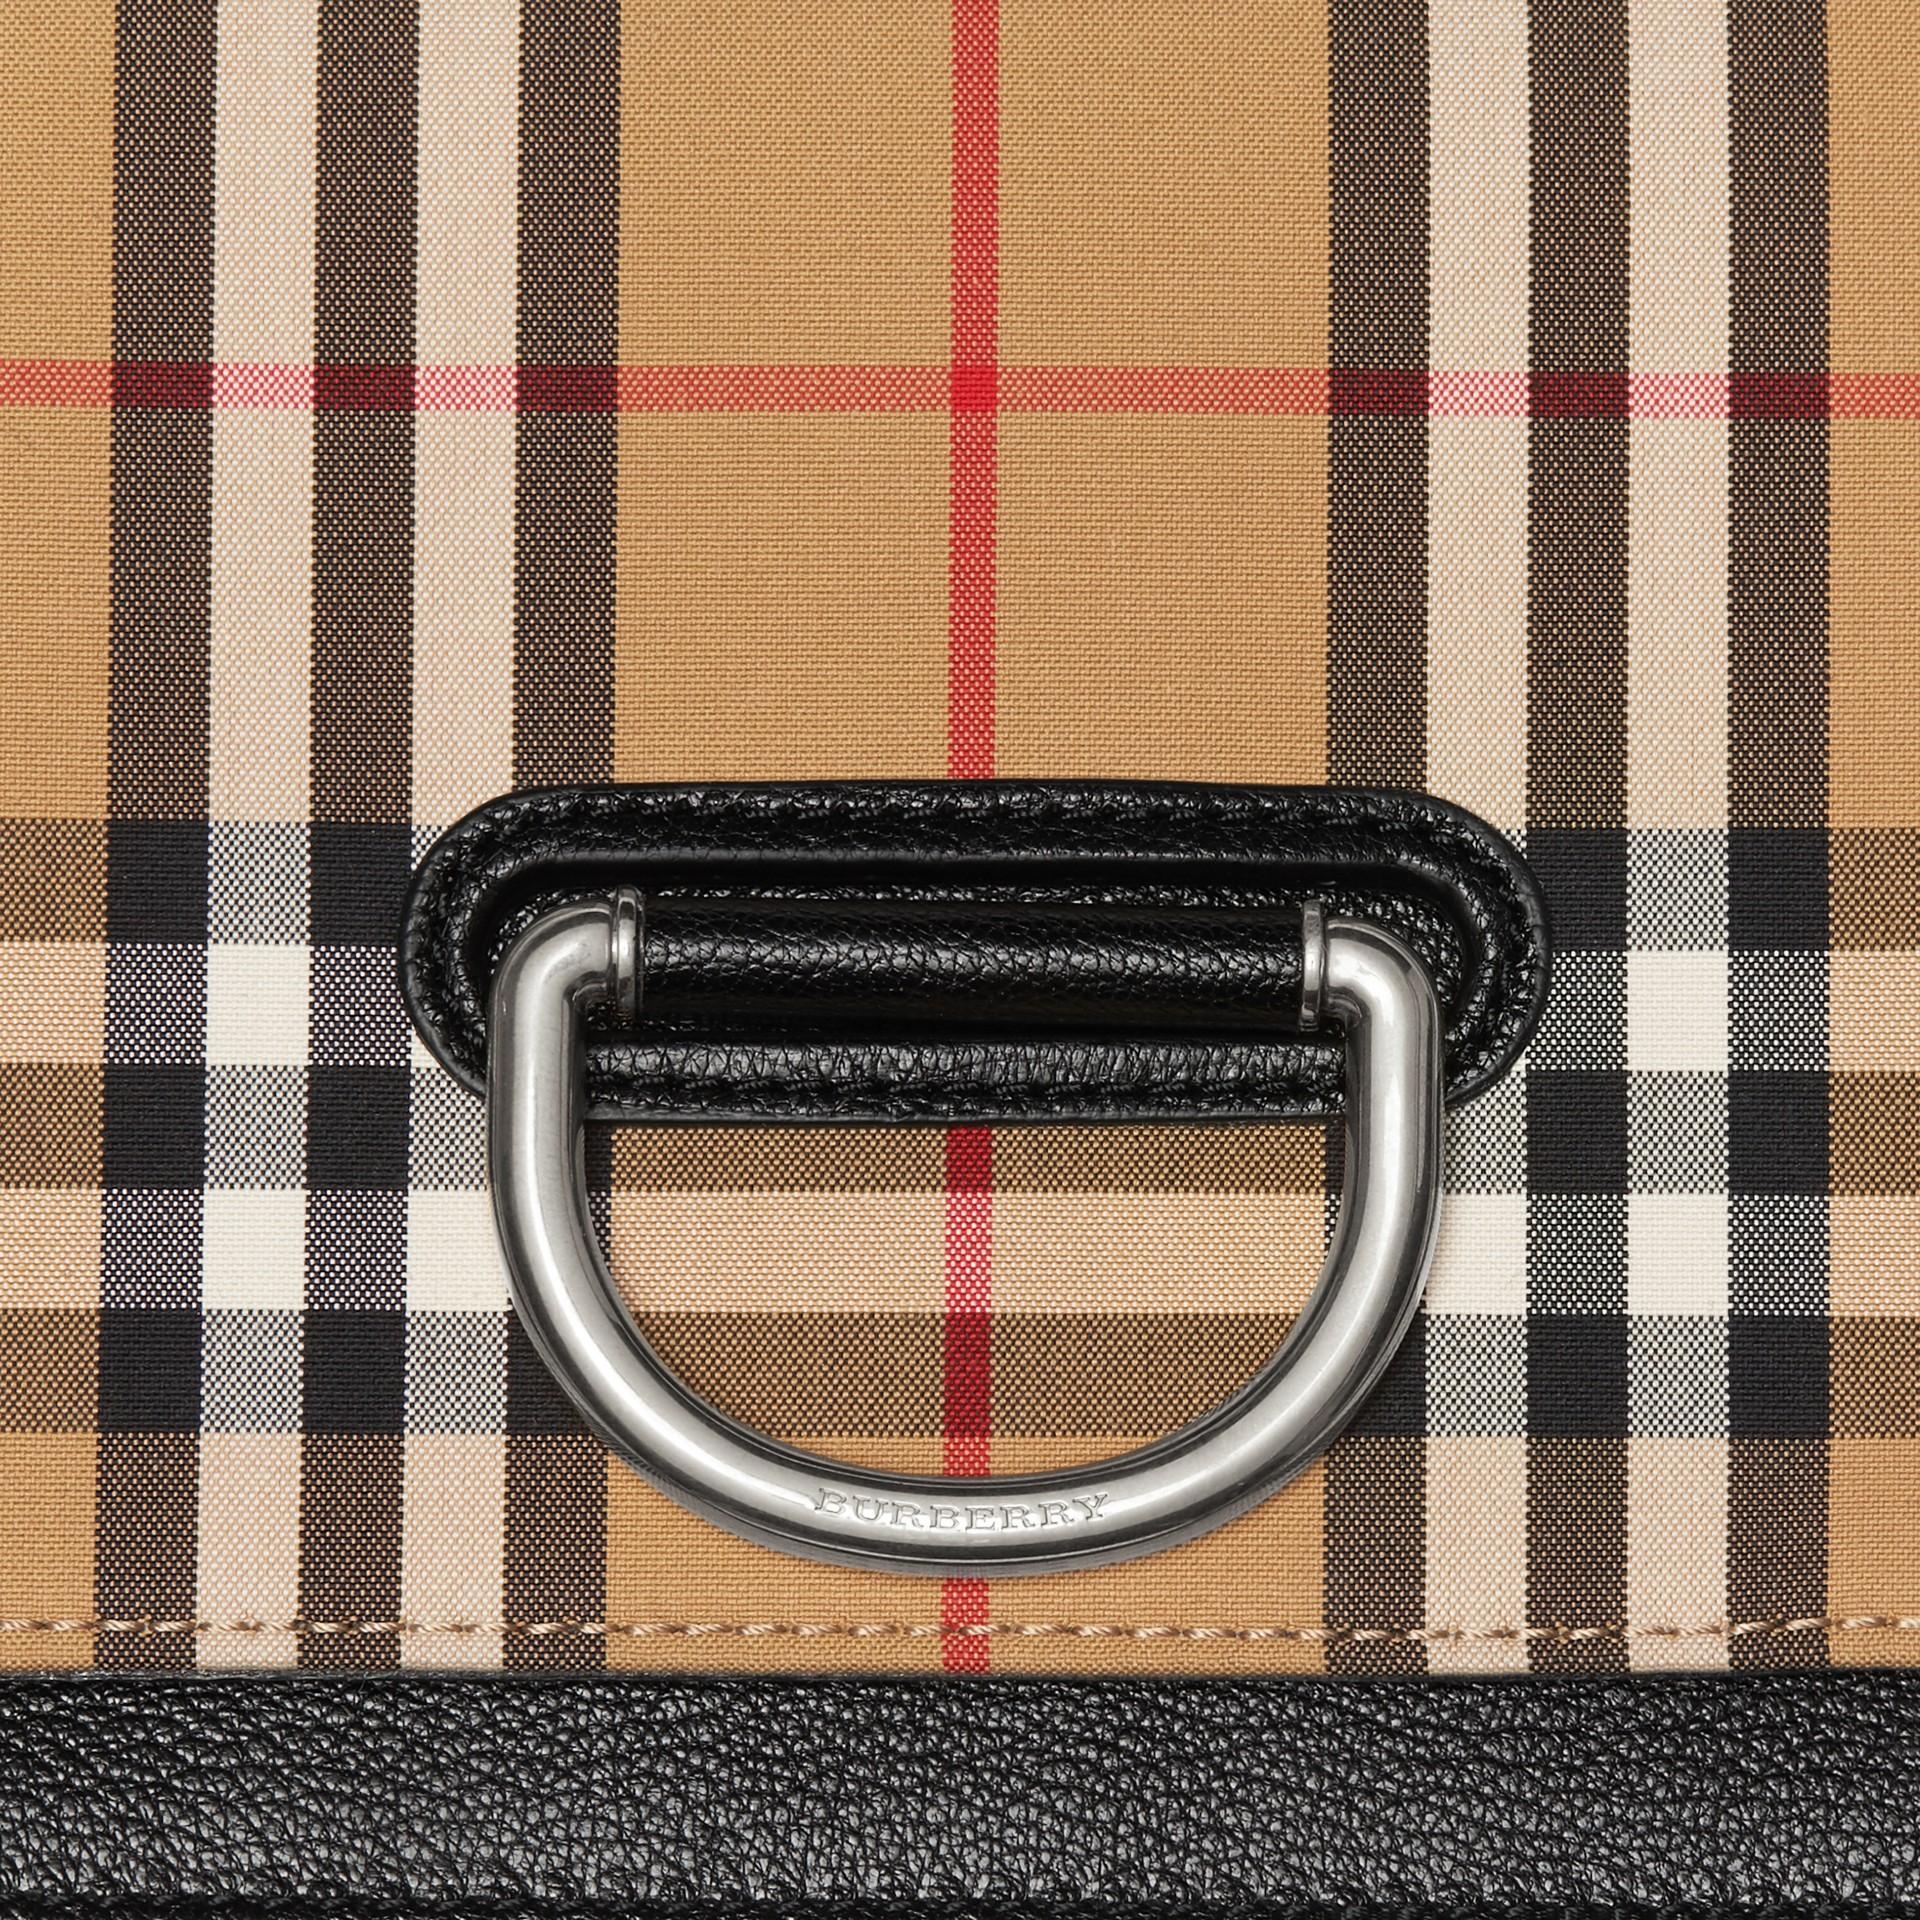 Petit sac TheD-ring en cuir et à motif Vintage check (Noir/jaune Antique) - Femme | Burberry - photo de la galerie 1